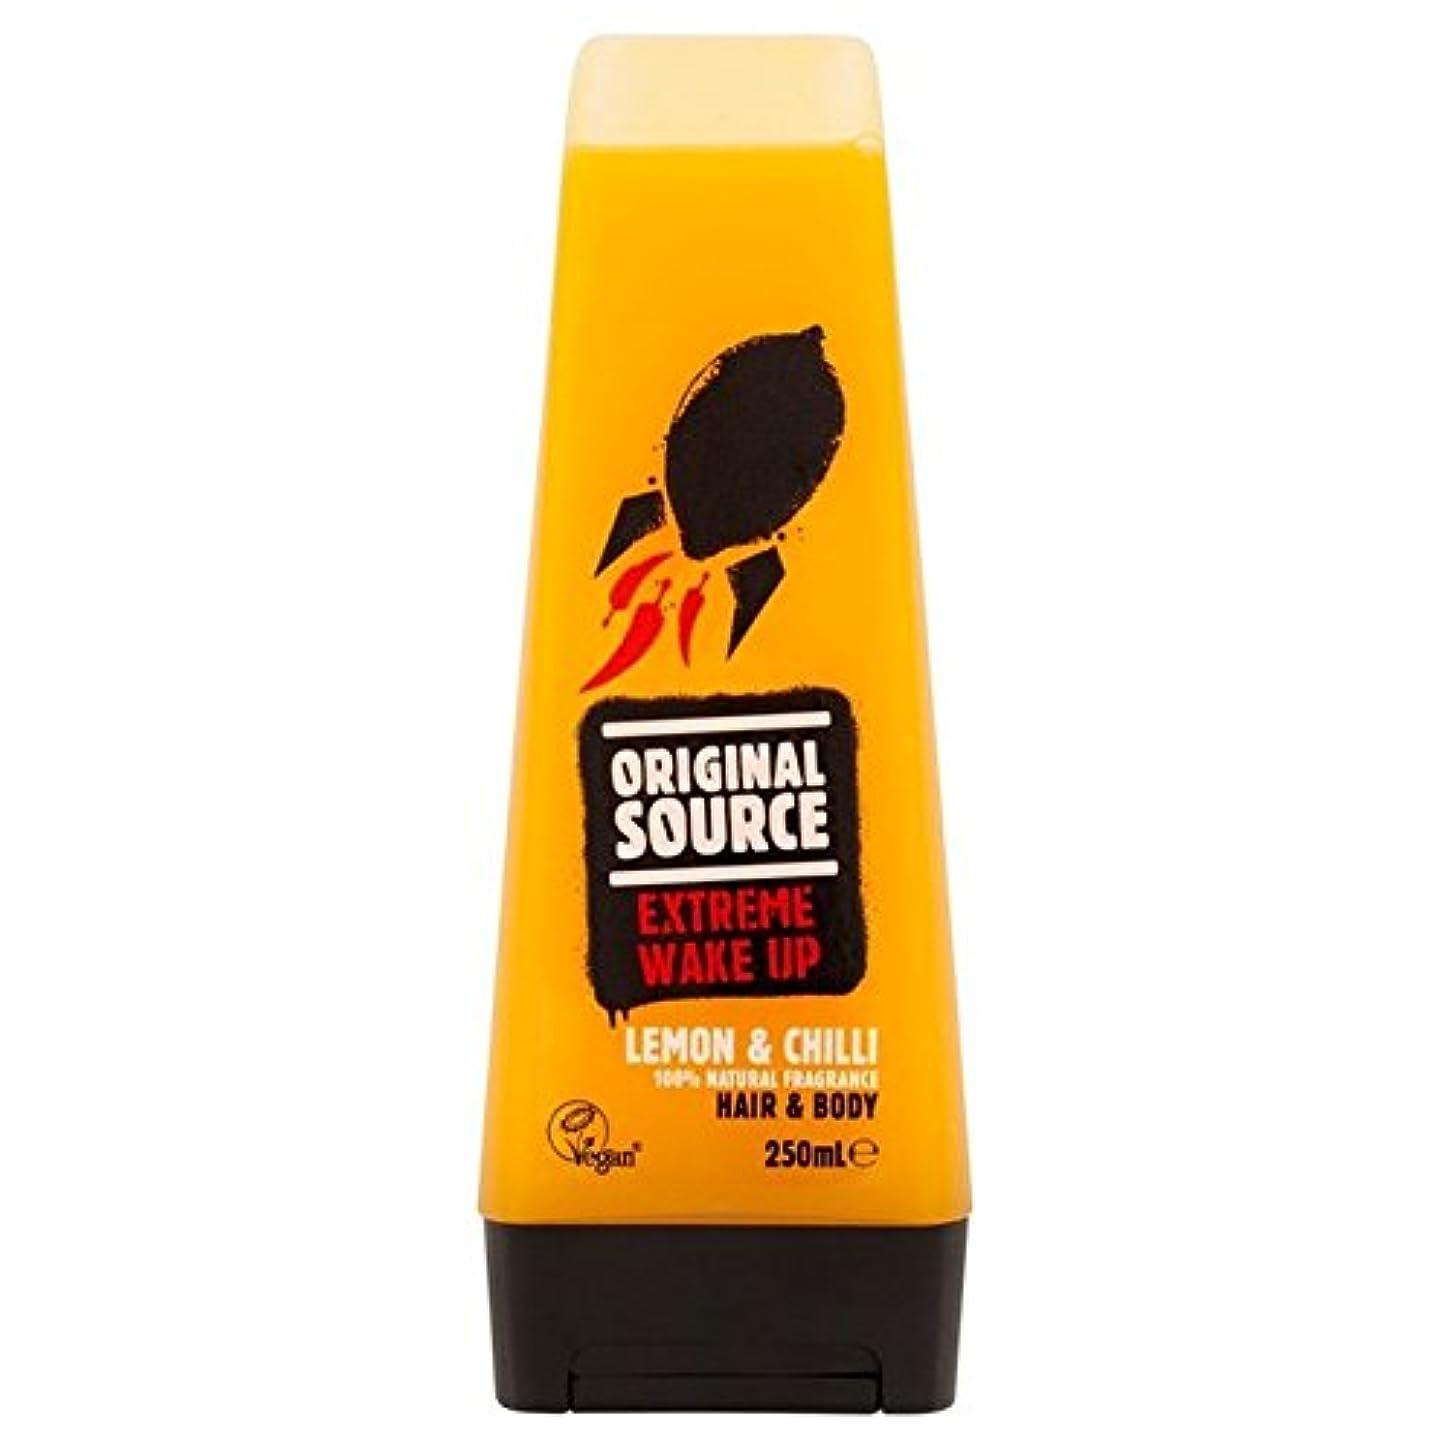 小包早熟常習的Original Source Mens Lemon & Chilli Hair & Body Shower Gel 250ml (Pack of 6) - 元のソースは、レモン&チリヘア&ボディシャワージェル250ミリリットルメンズ...